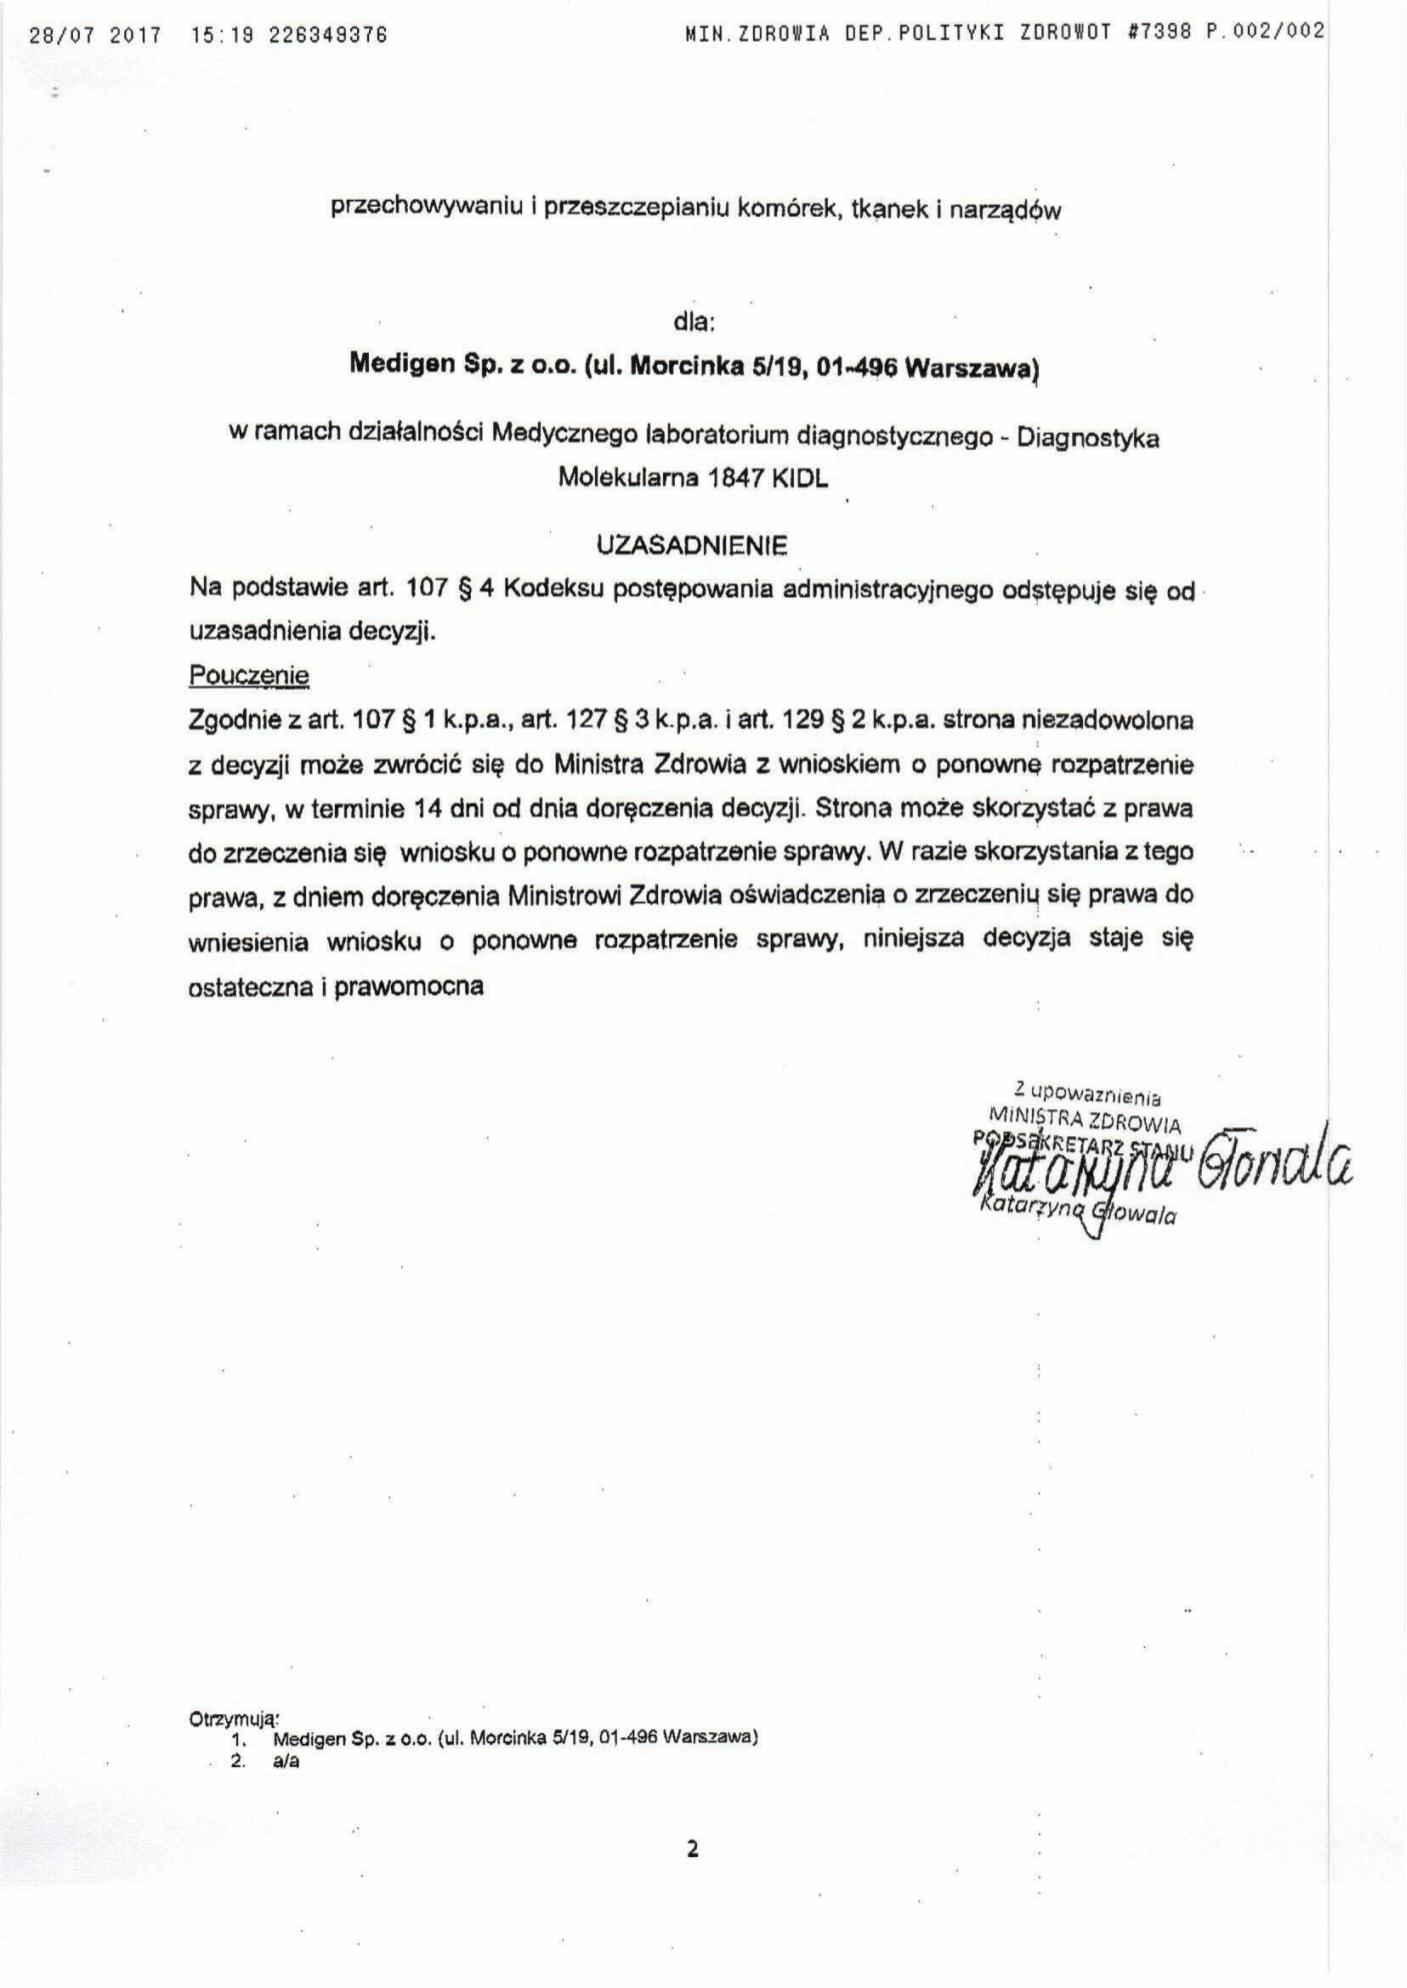 Pozwolenie MZ na MLD PZT.4061.22.2017.NK2-min